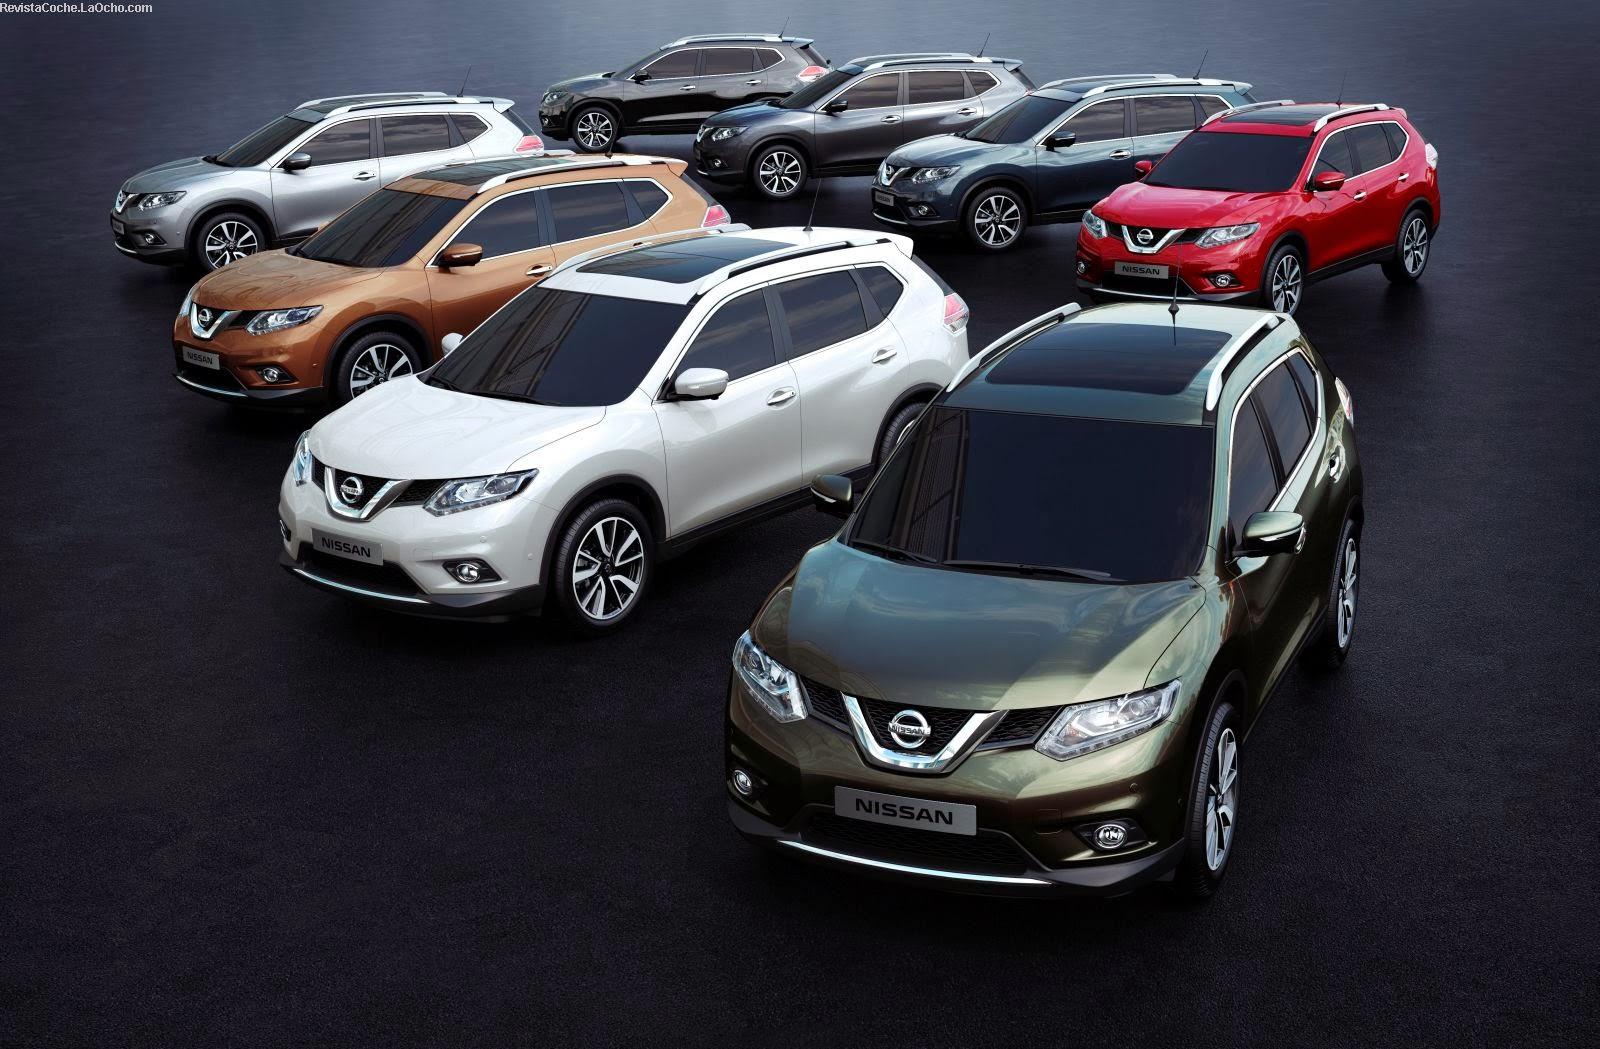 1600 x 1049 jpeg 275kB, Revista Coche: Nuevo Nissan X-Trail 2015